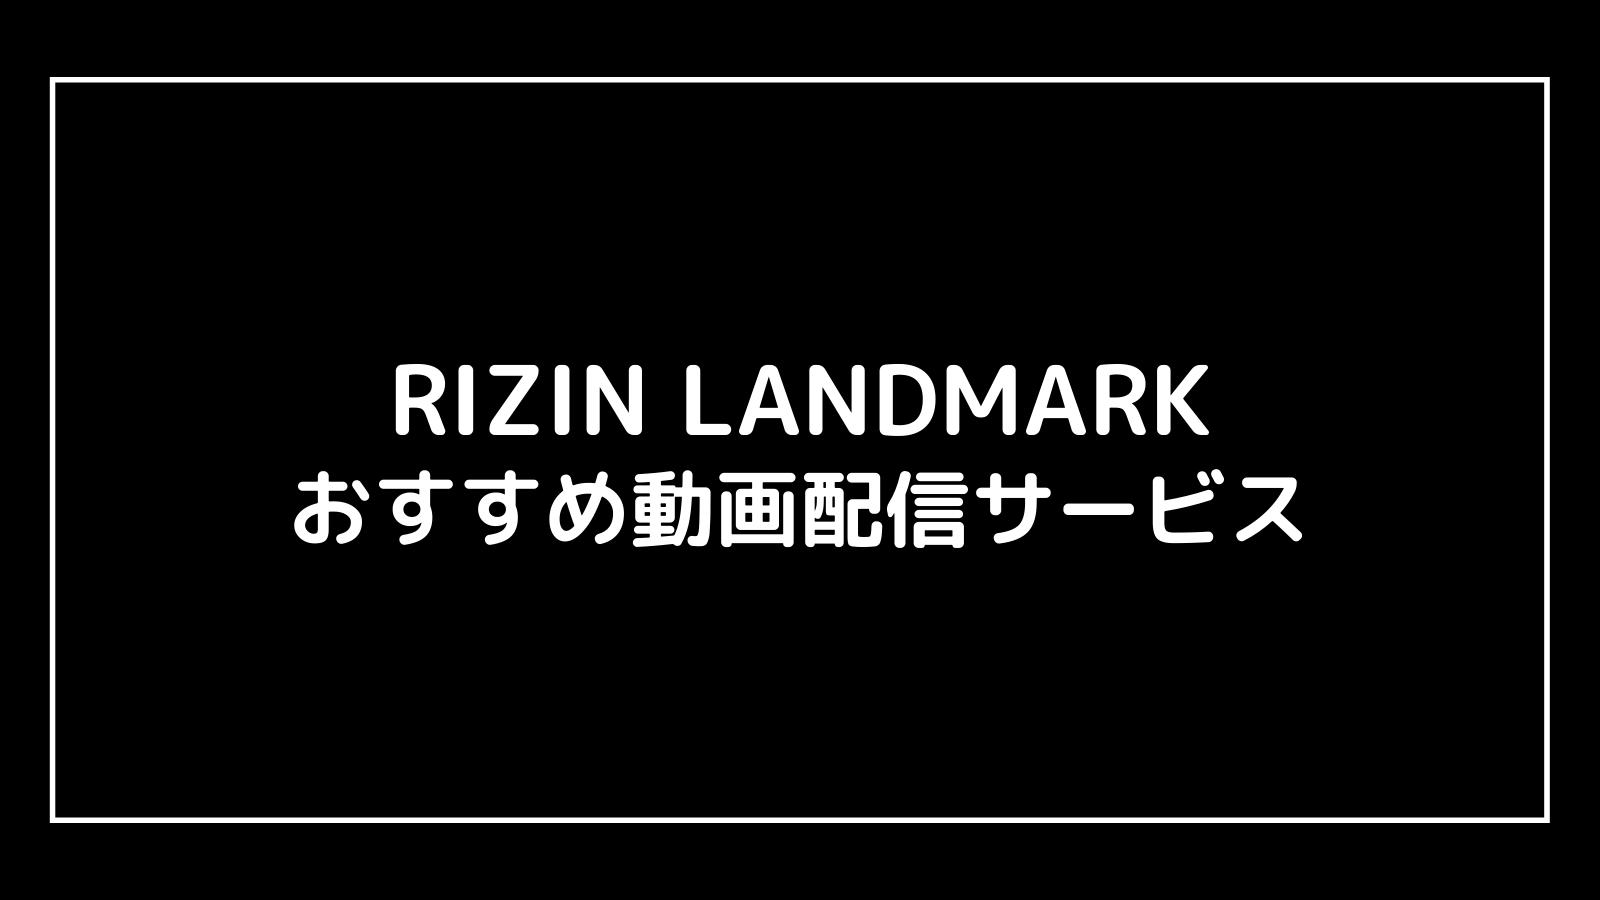 【完全無料】RIZIN LANDMARK 2021の動画配信を視聴する方法